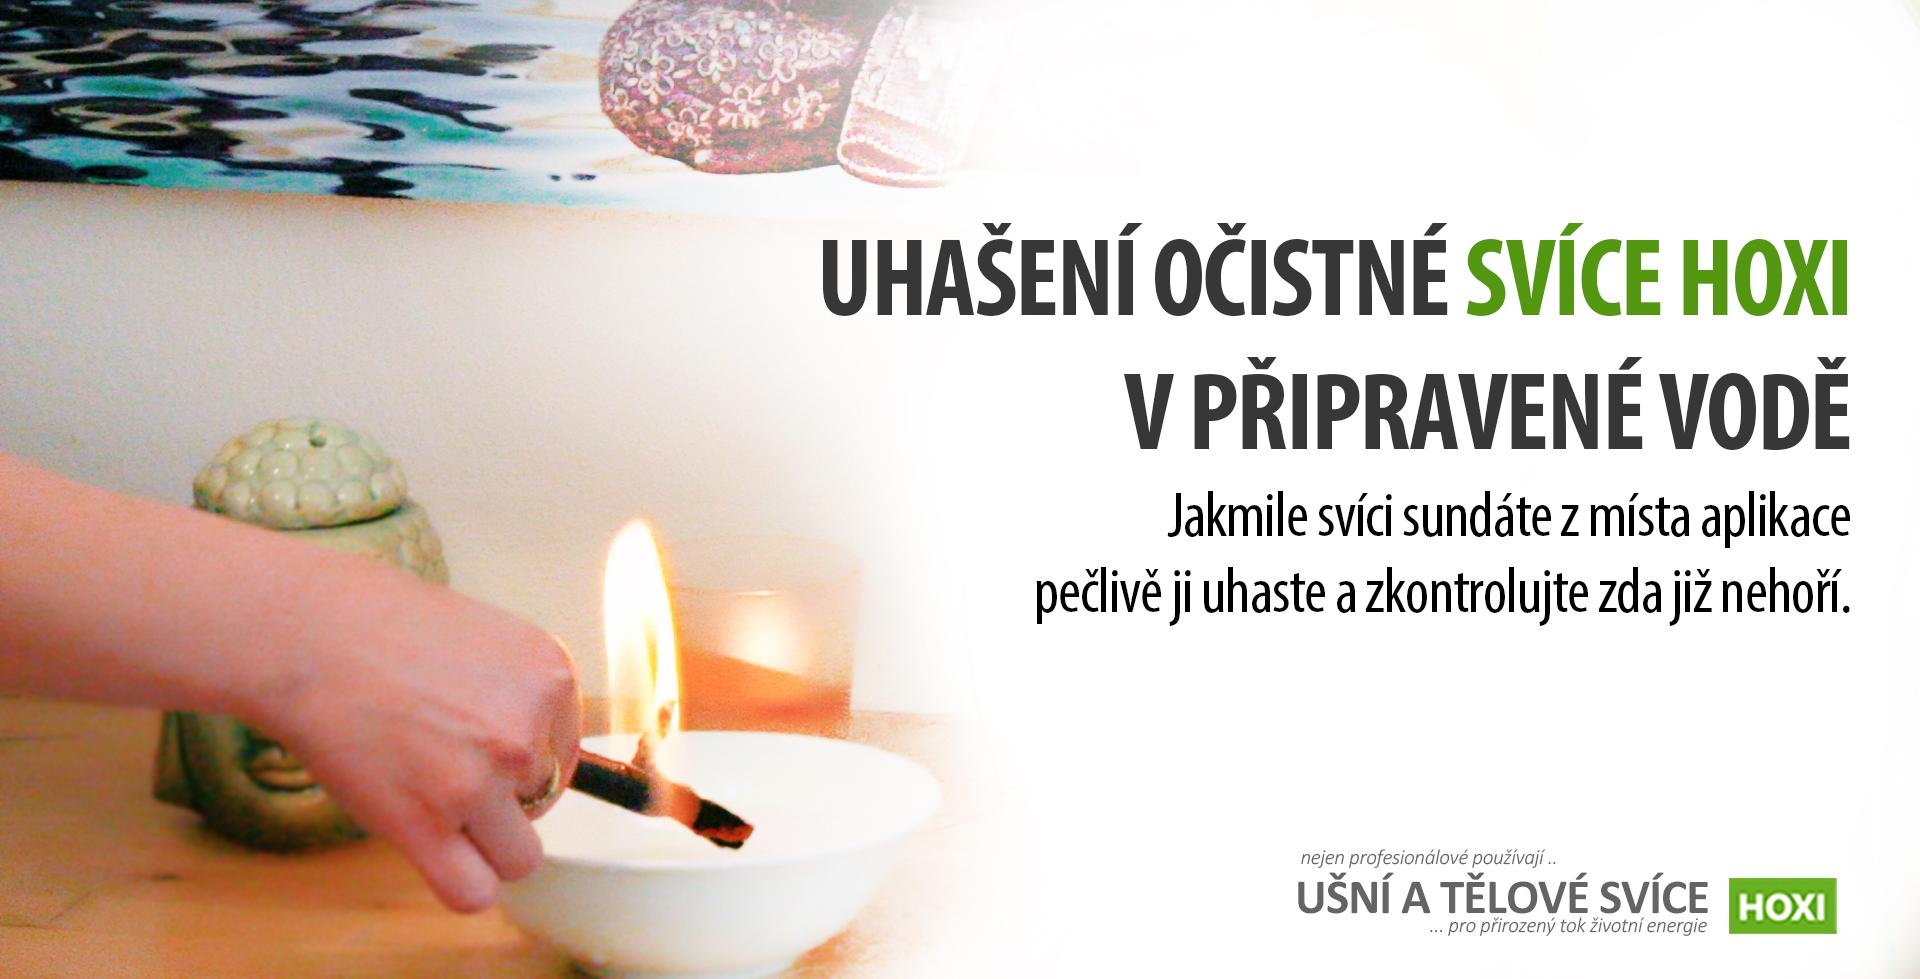 HOXI-ušní-a-tělové-svíce- Uhašení černé očistné tělové svíce HOXI